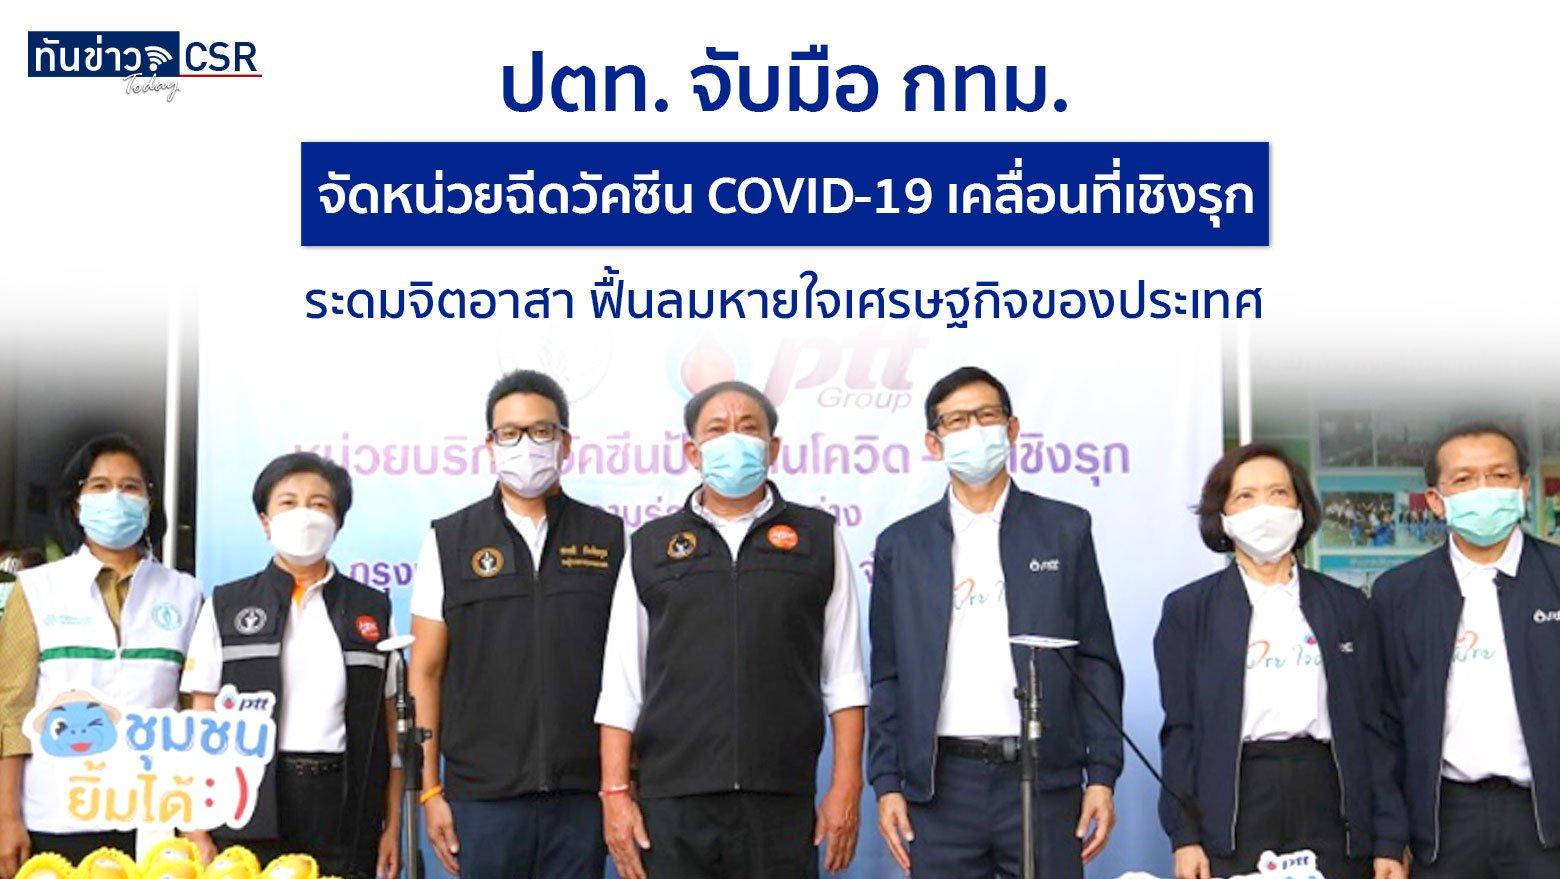 ปตท. จับมือ กทม. จัดหน่วยฉีดวัคซีน COVID-19 เคลื่อนที่เชิงรุก